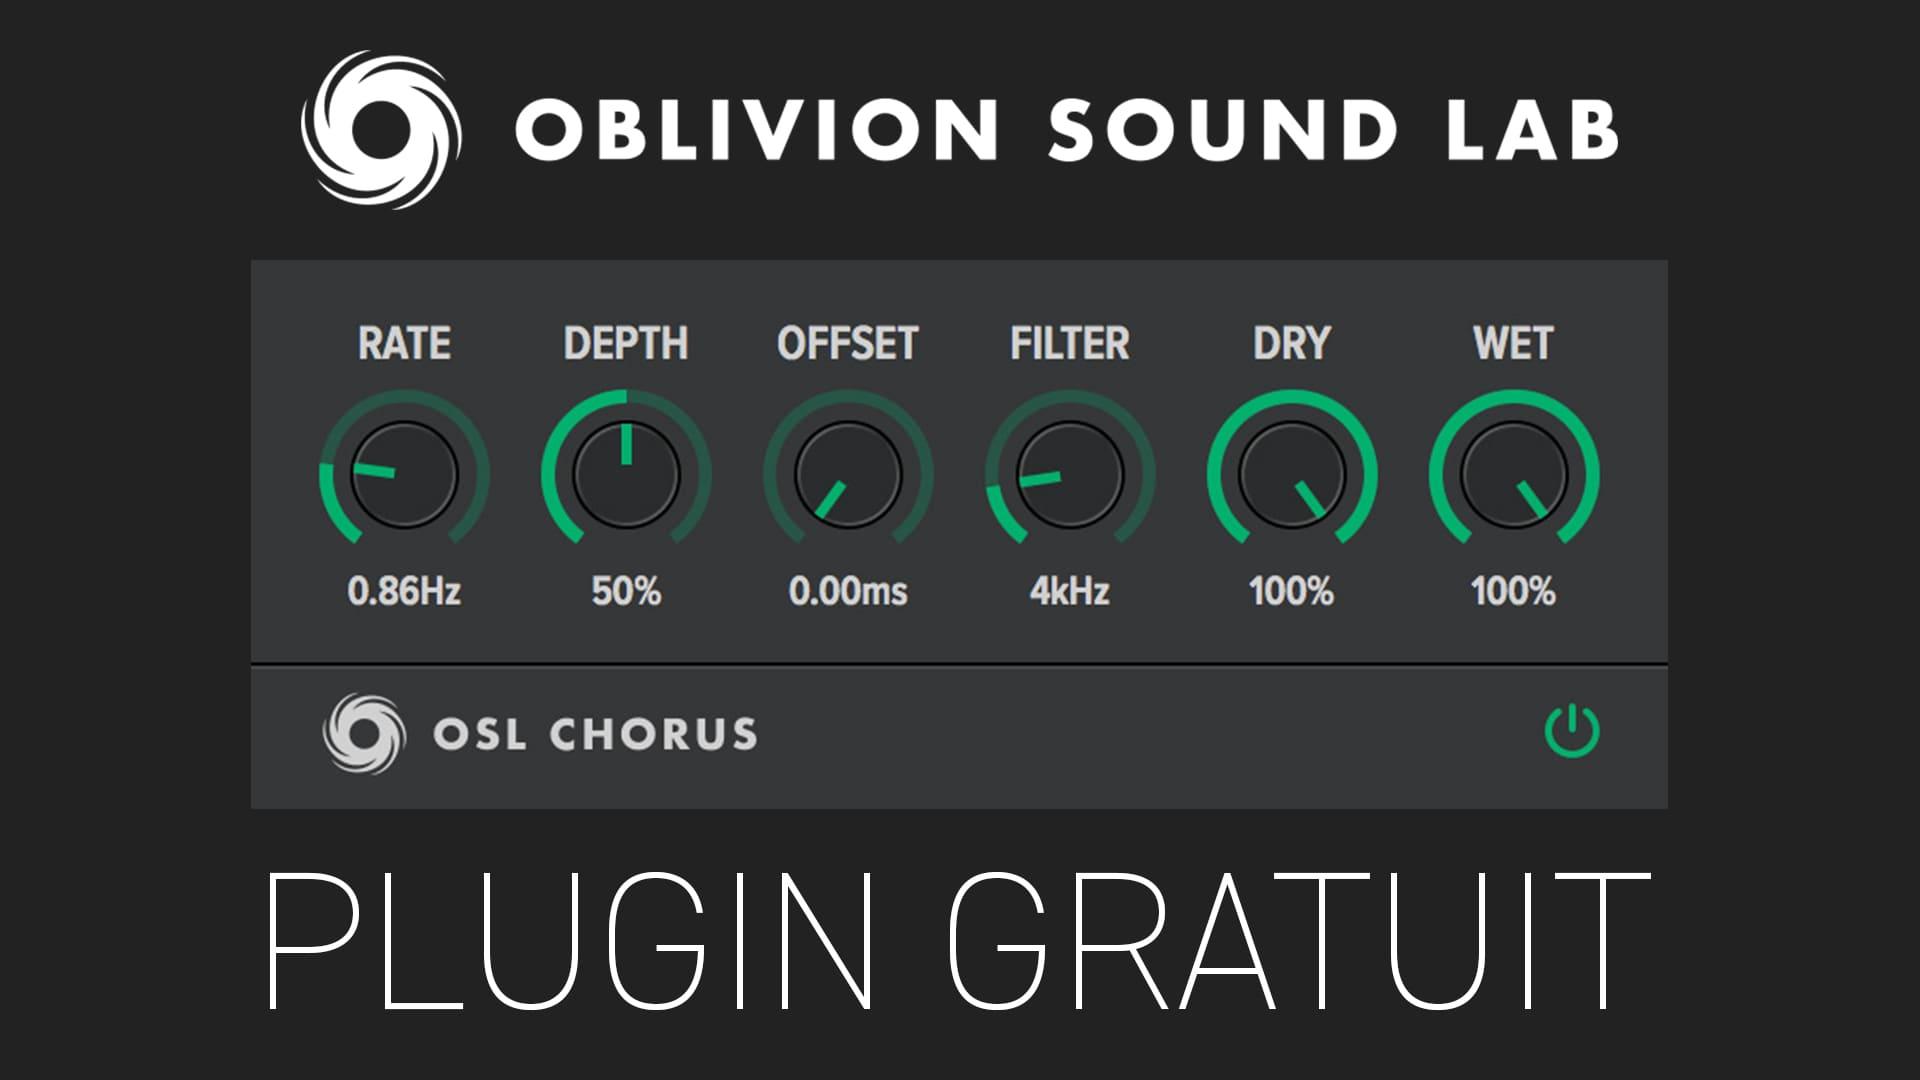 OSL Chorus de Oblivion Sound Lab Plugin Gratuit